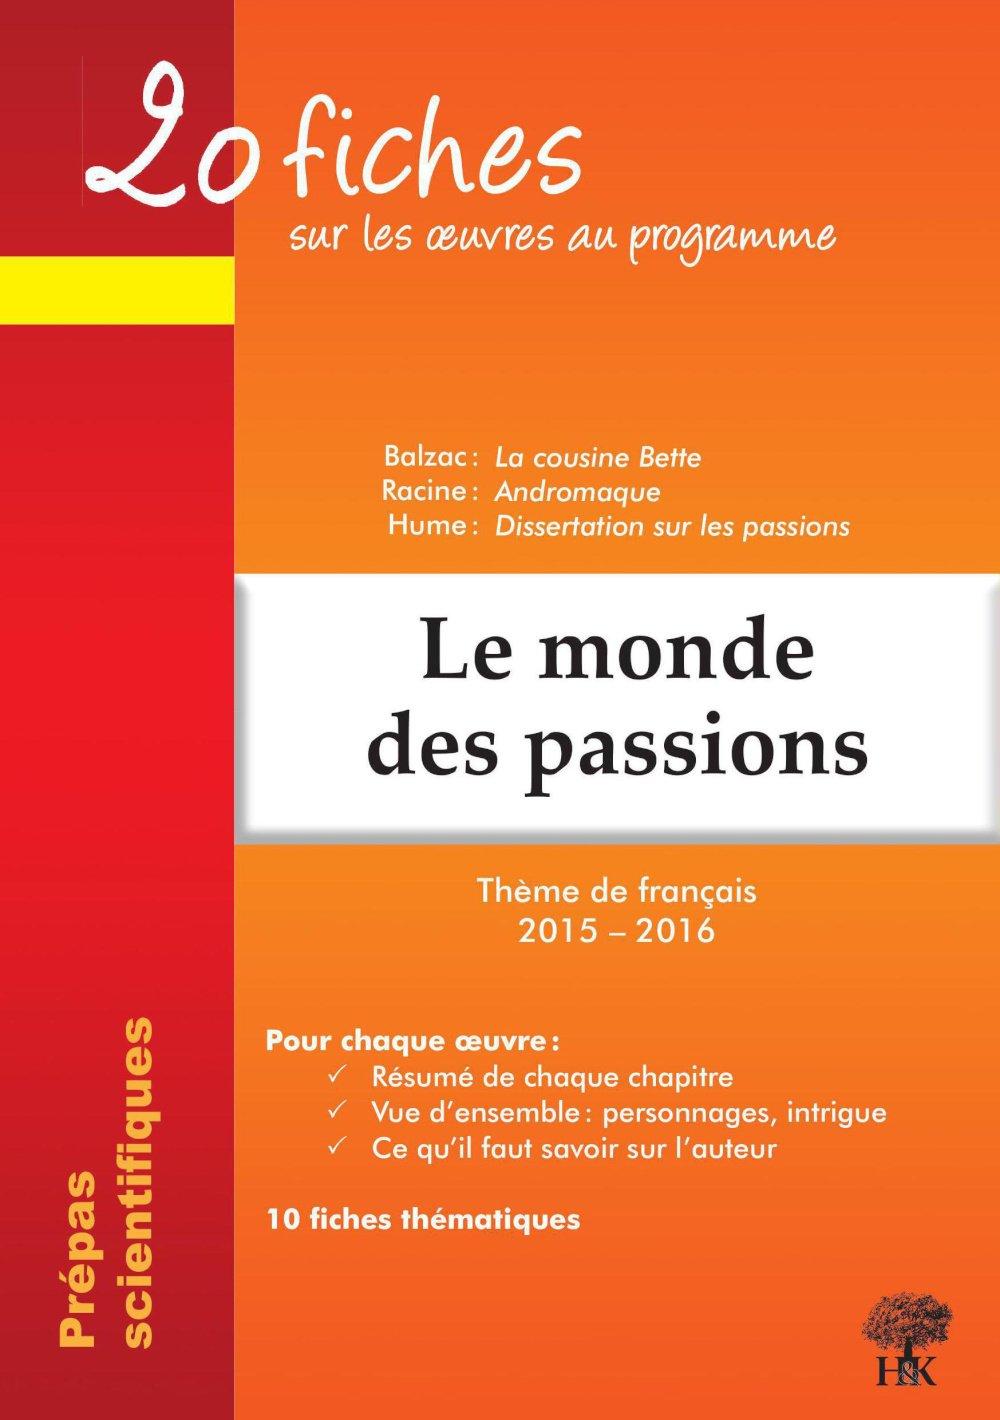 hume dissertation sur les passions prepa